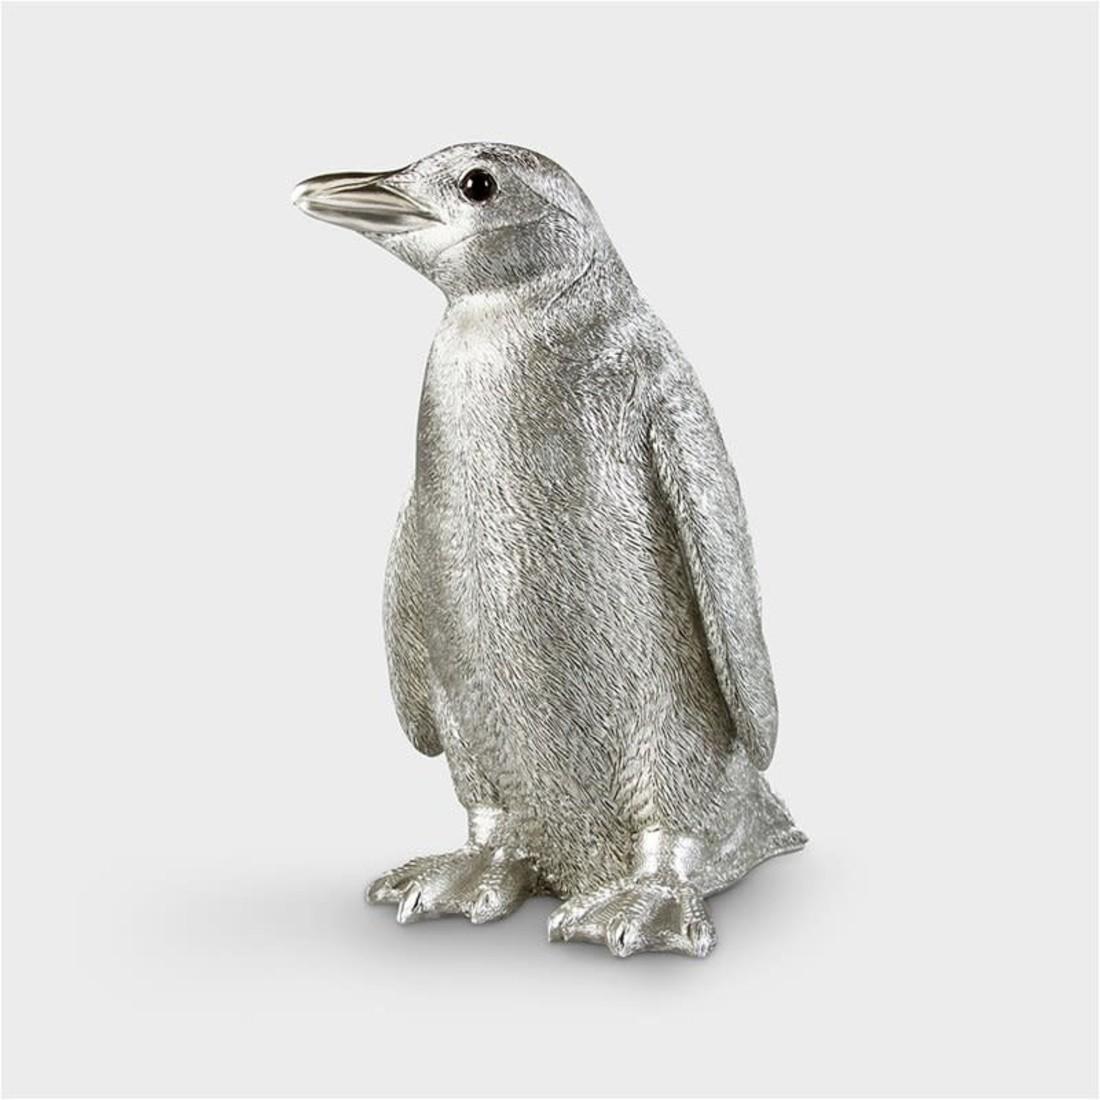 & klevering Sparkasse Pinguin